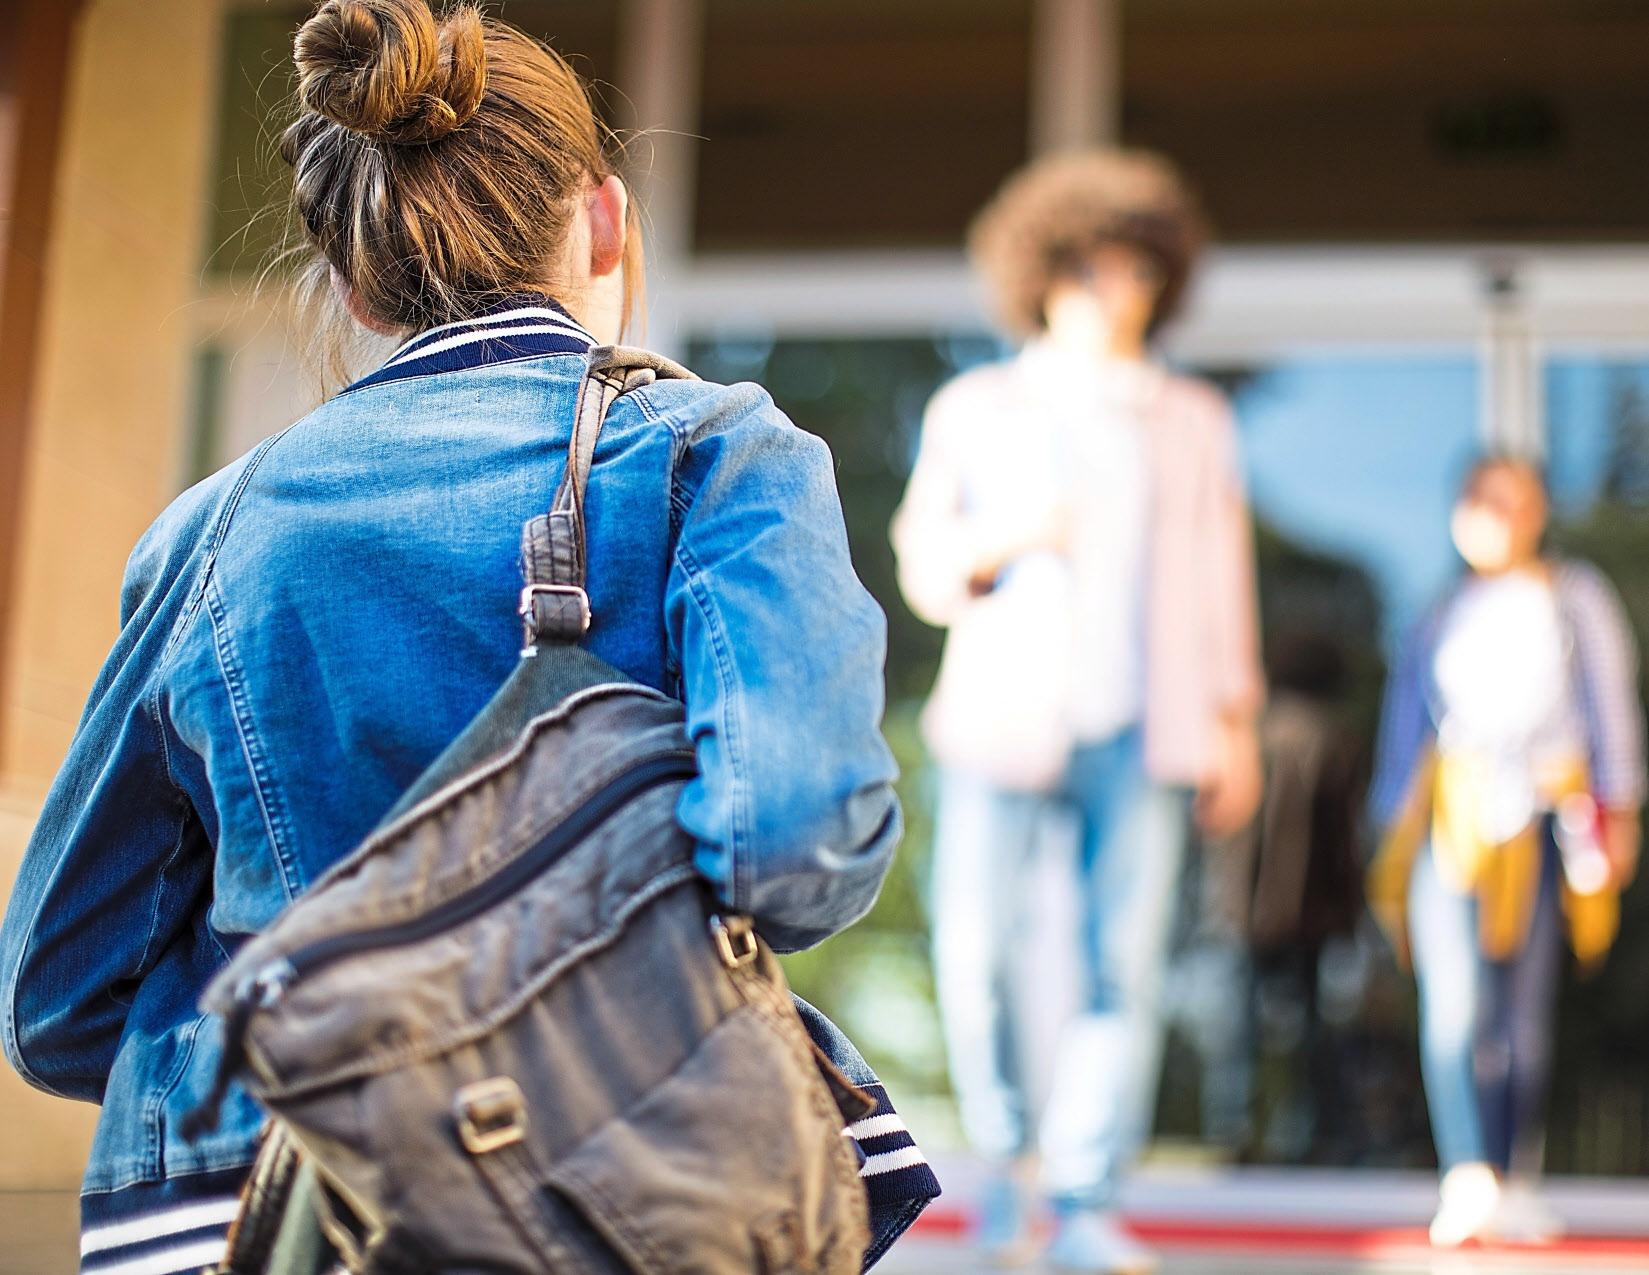 Der Start in den neuen Lebensabschnitt Ausbildung sollte gut vorbereitet sein. Werden die Azubis schon am ersten Tag sich selbst überlassen, verlieren sie die Motivation. Deshalb ist es wichtig, sich für sie Zeit und sie herzlich in Empfang zu nehmen. Foto: Getty Images